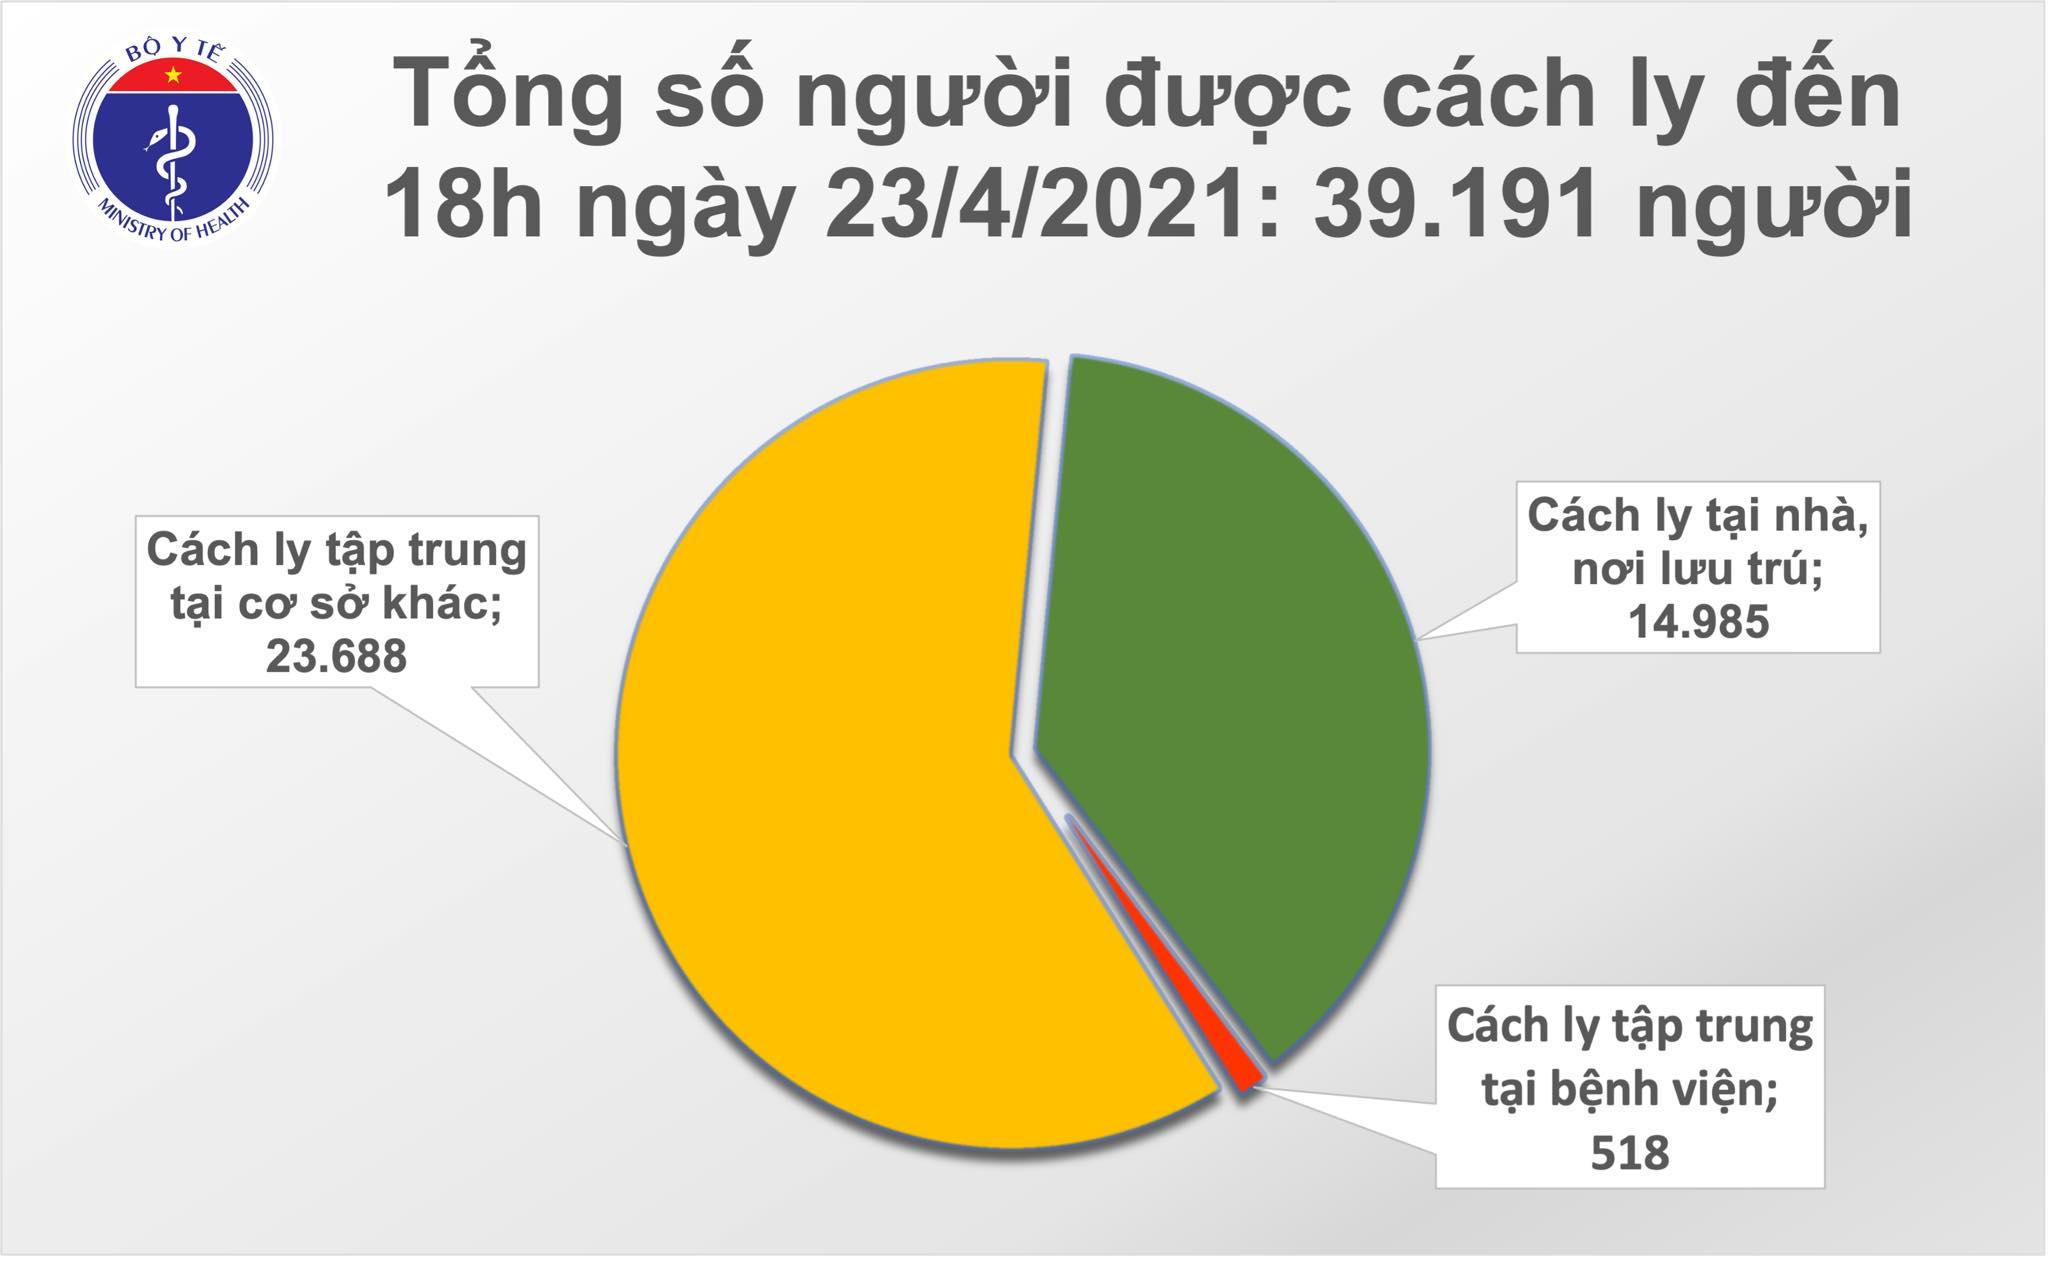 Chiều 23/4: Thêm 6 ca mắc COVID-19 tại An Giang và 4 địa phương khác - Ảnh 2.